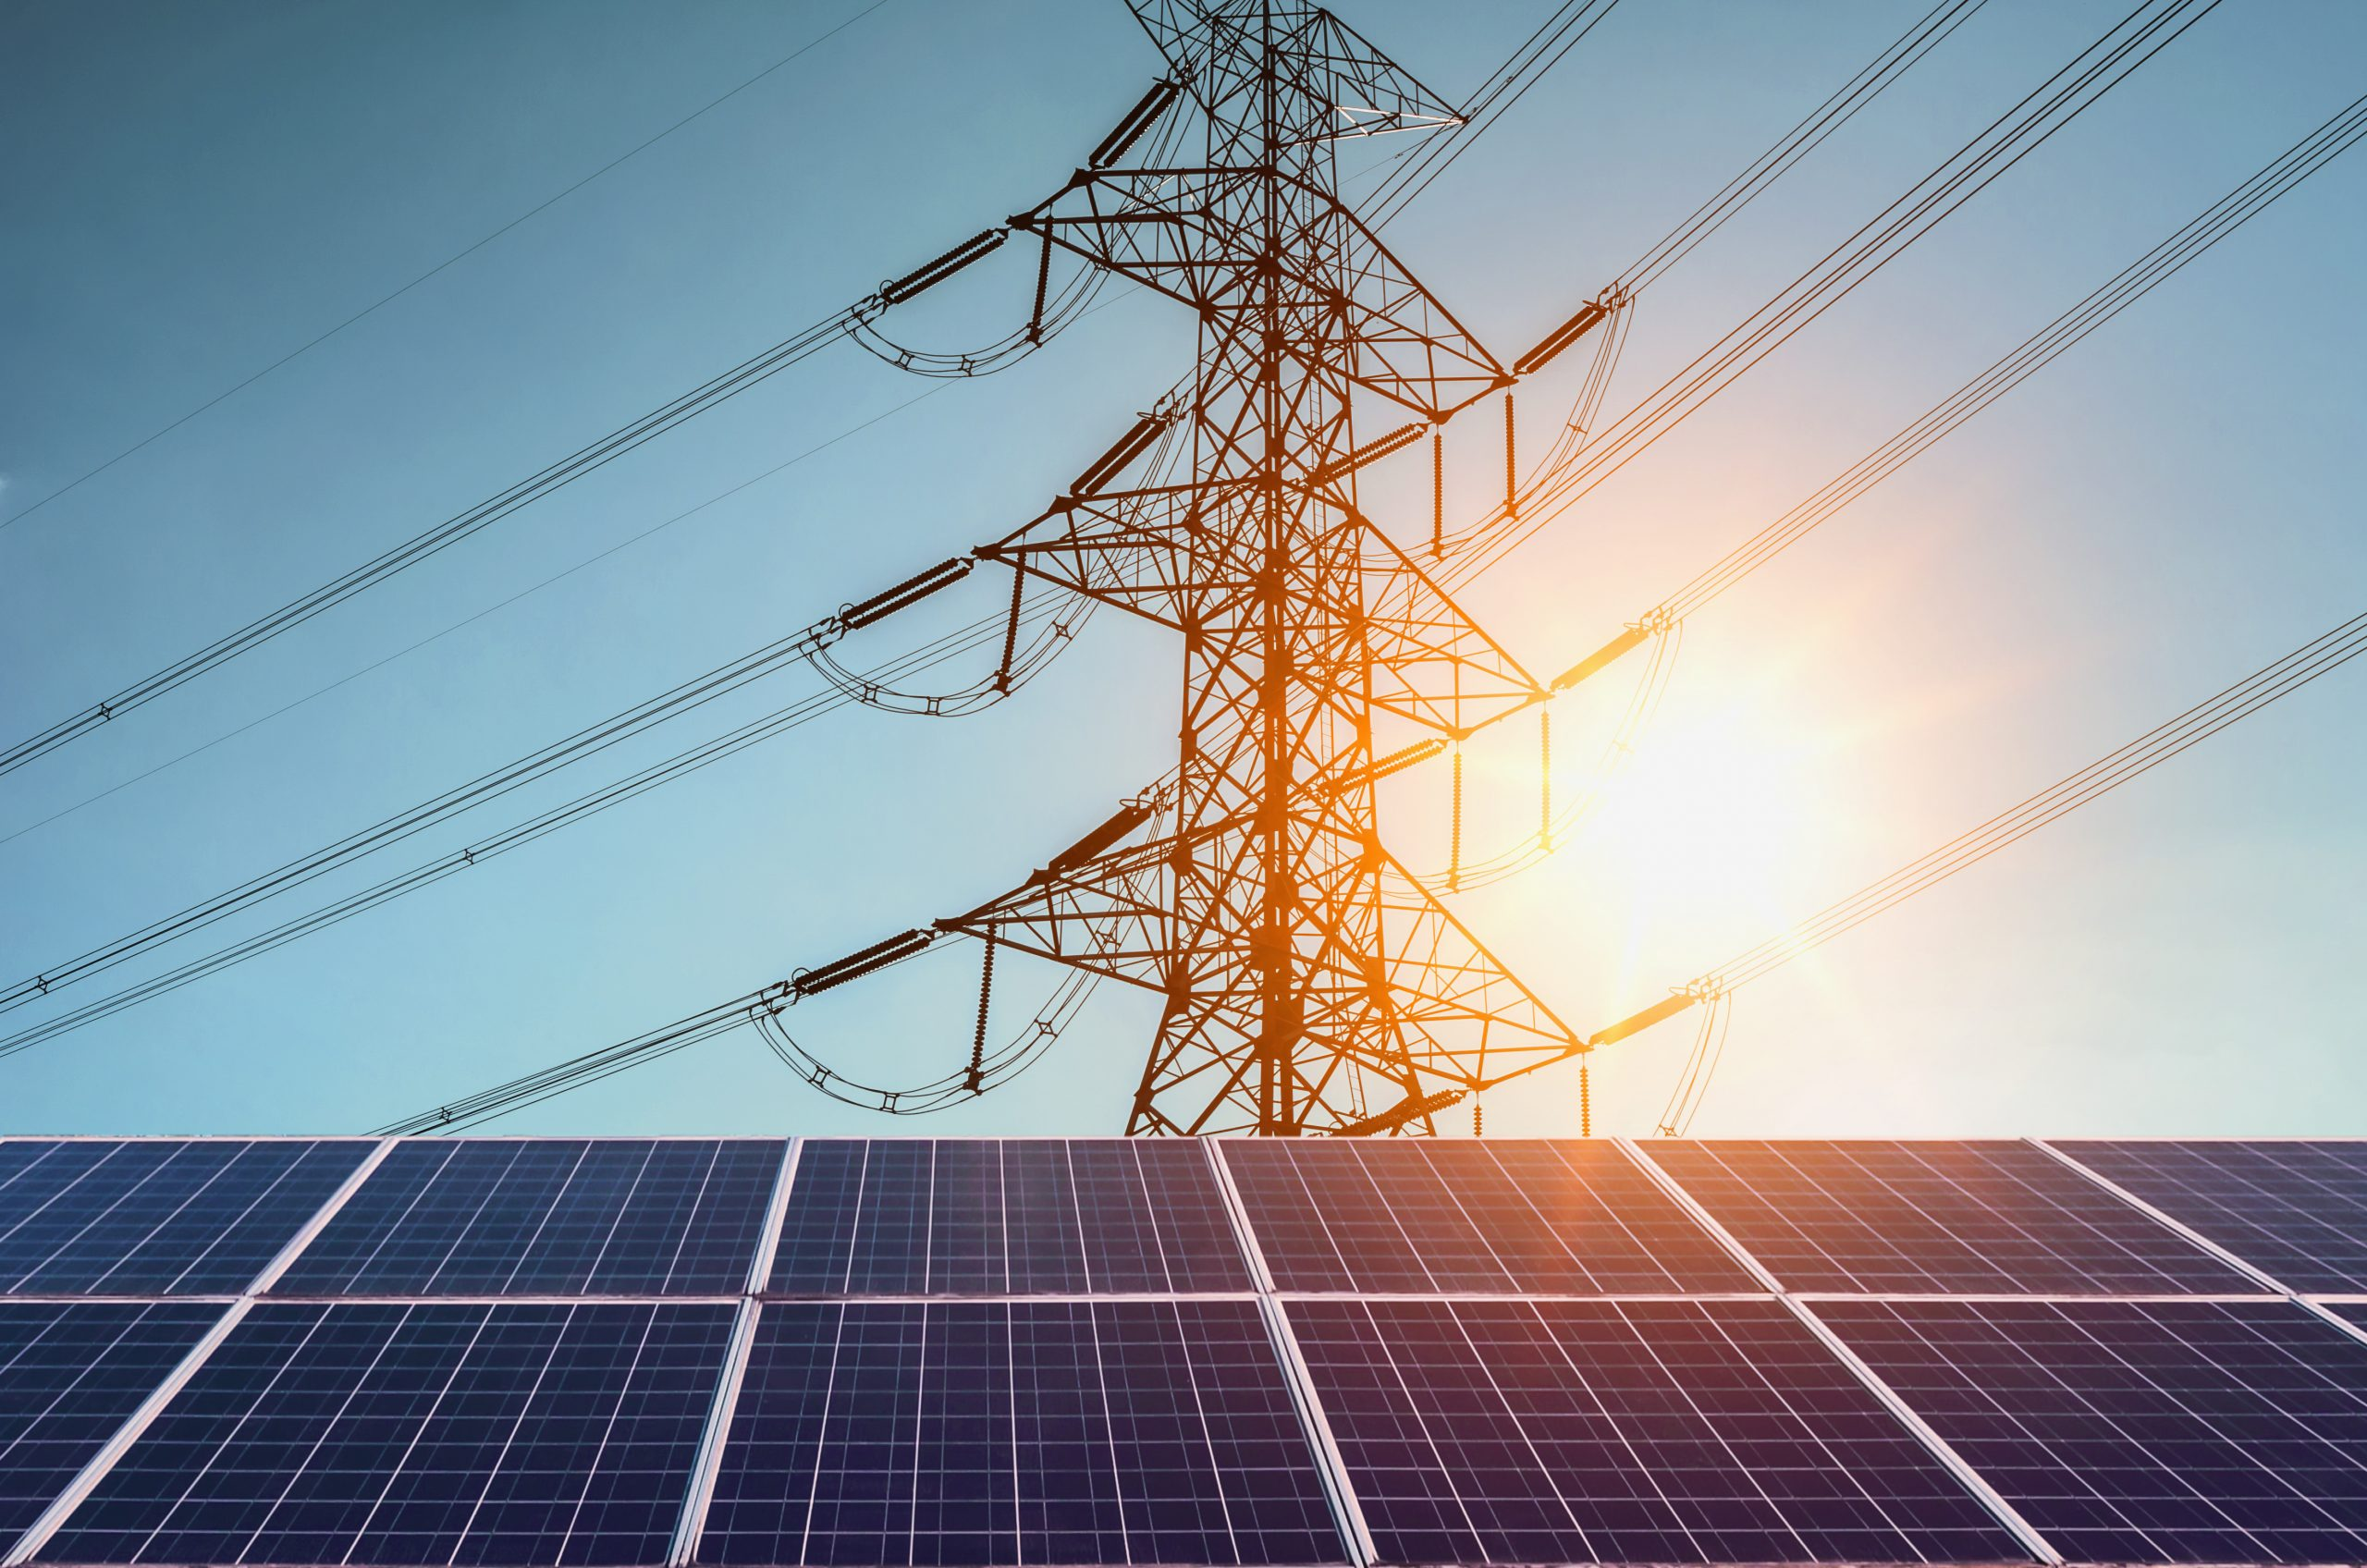 el från solceller, solnedgång, ren energi